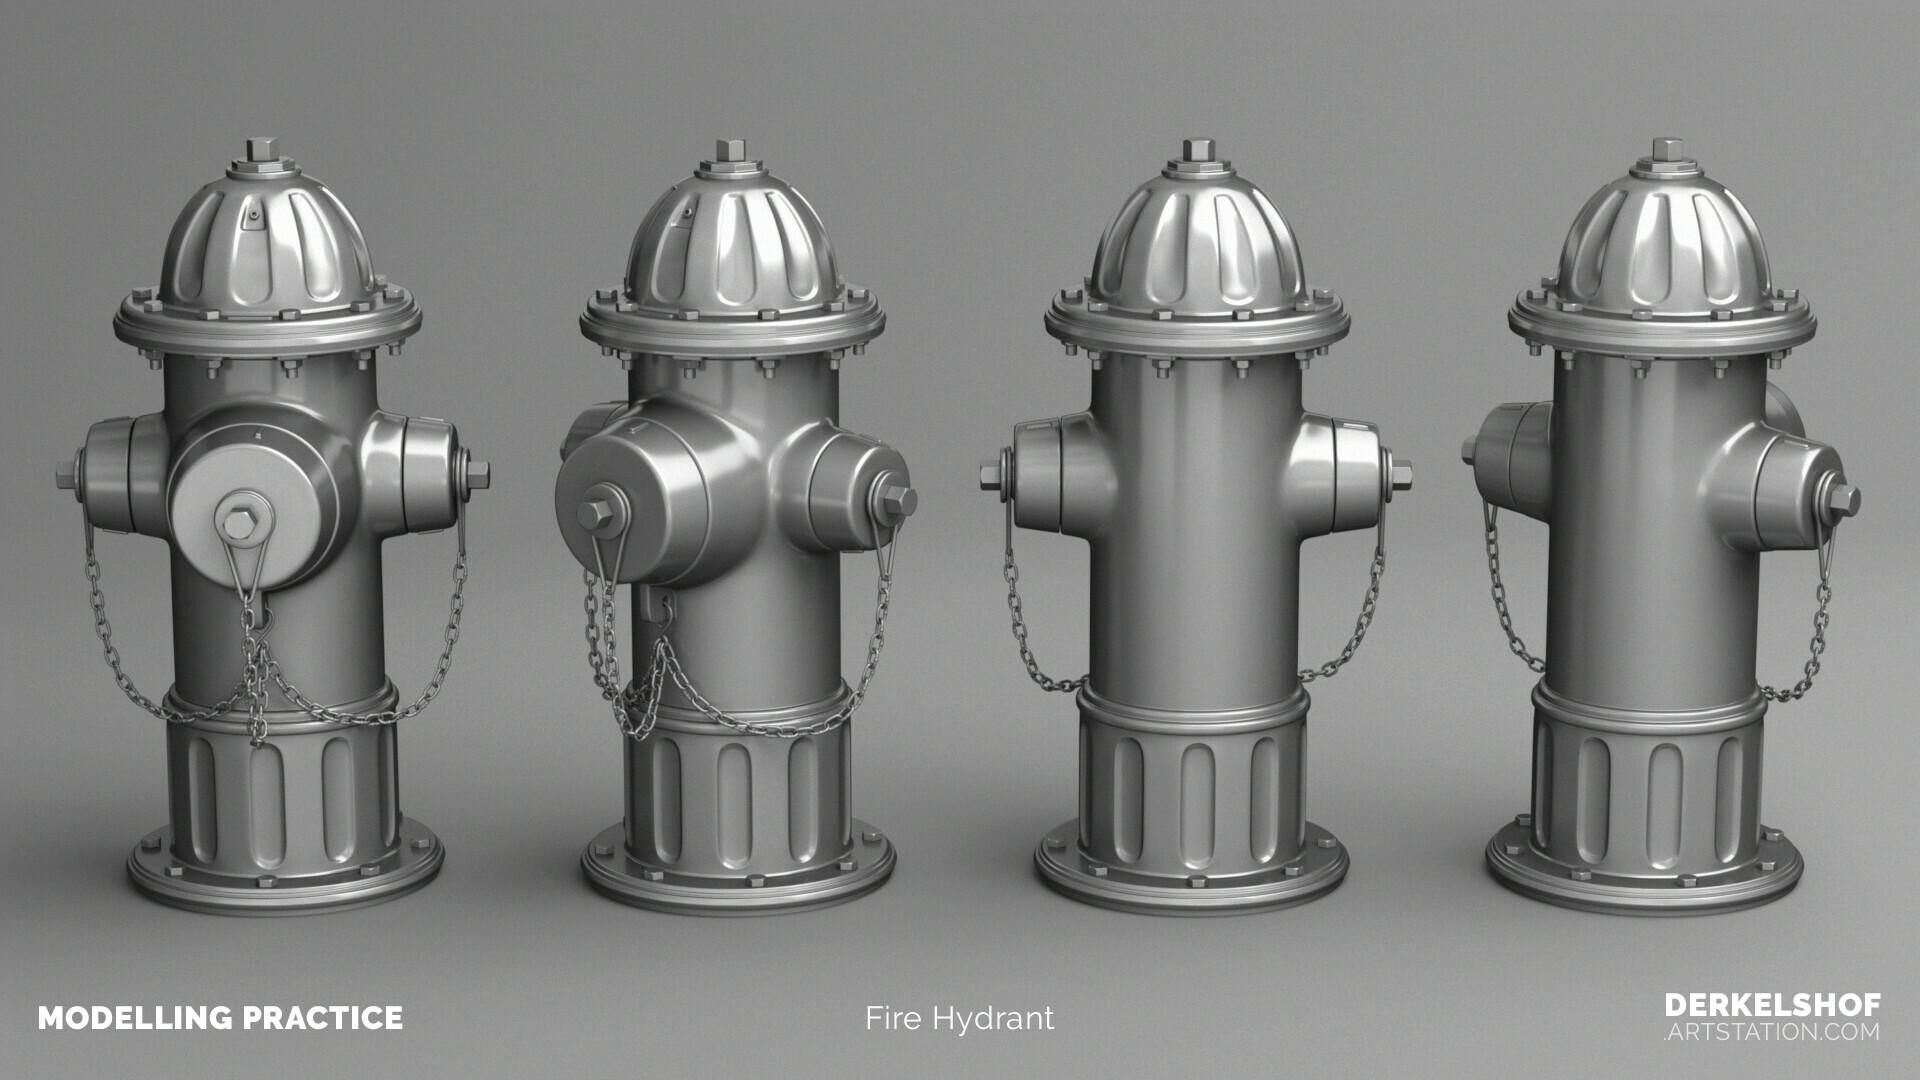 Derk elshof fire hydrant 01